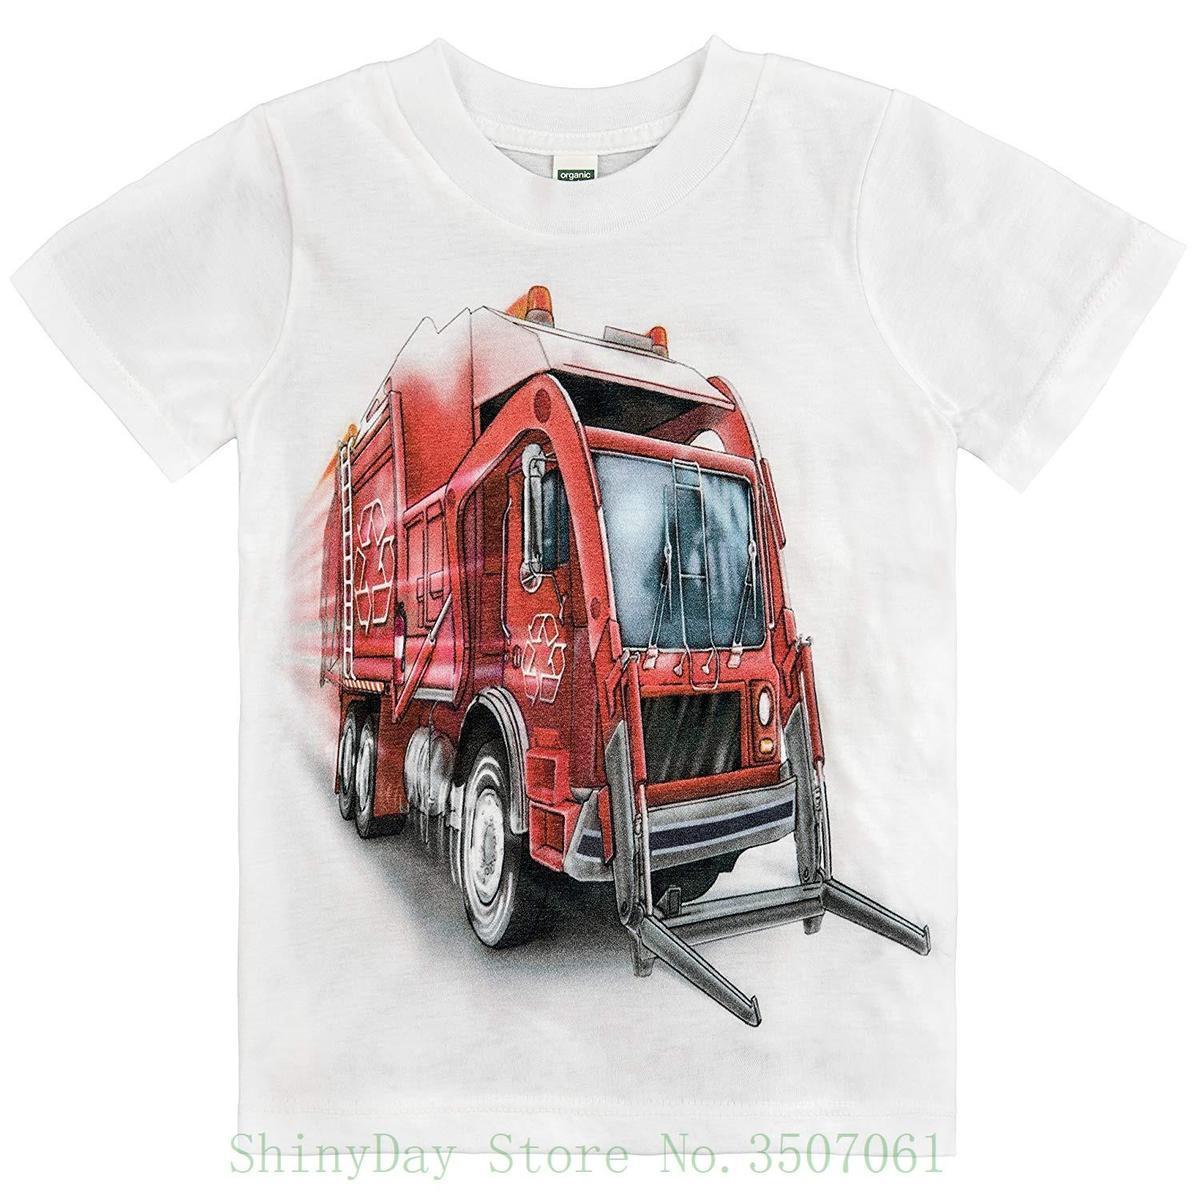 09a04ec5db Compre Camiseta Para Niños Pequeños Del Camión De Basura Rojo Grande  Camiseta De Alta Calidad Con Estampado Personalizado Inconformista Tees  Camiseta A ...